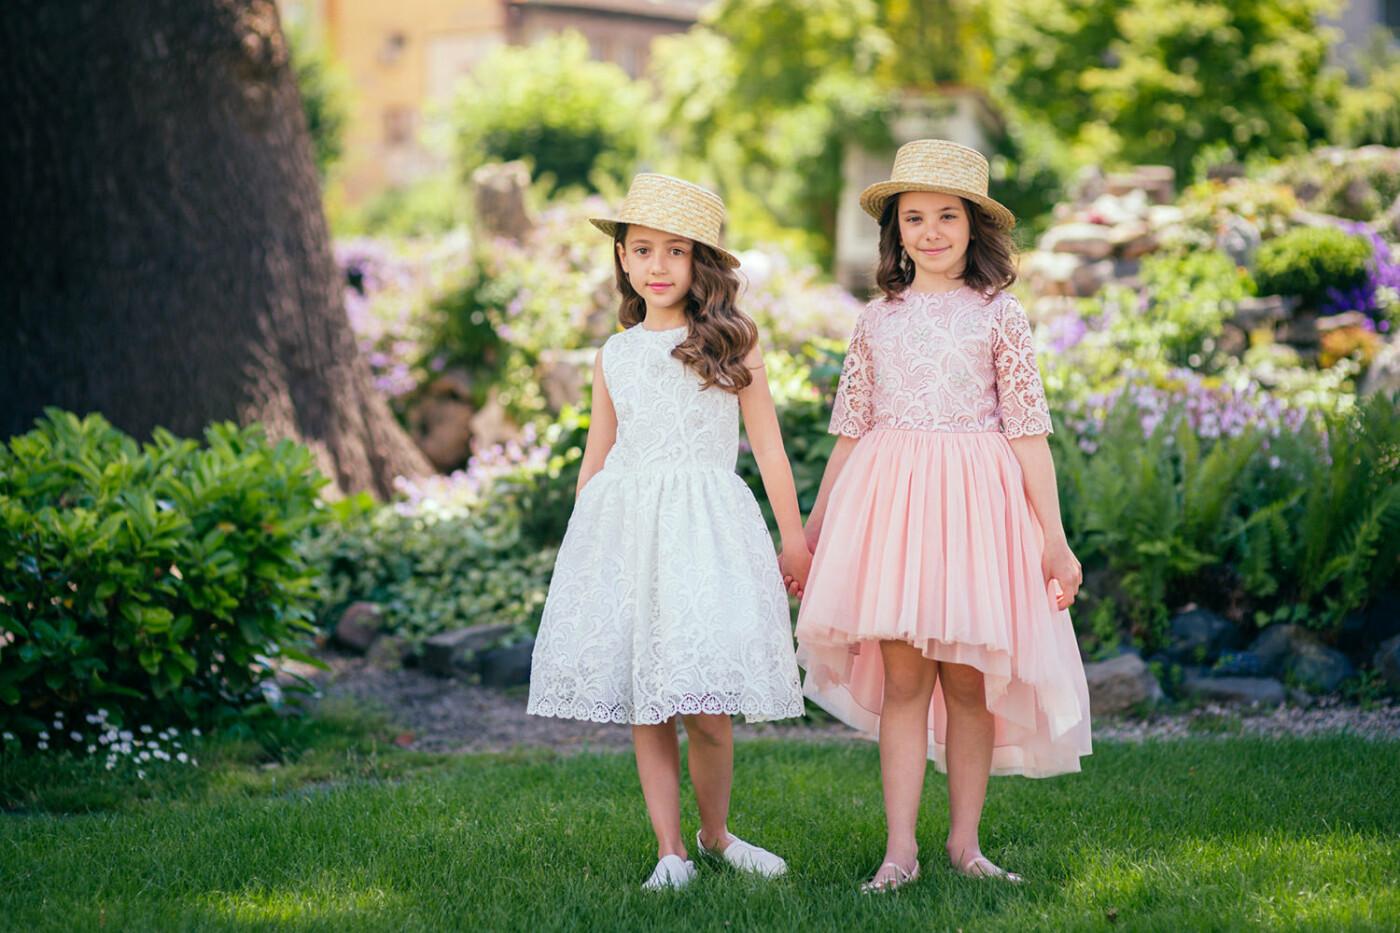 Дизайнерская одежда для девочек в возрасте 10 лет, фото-1